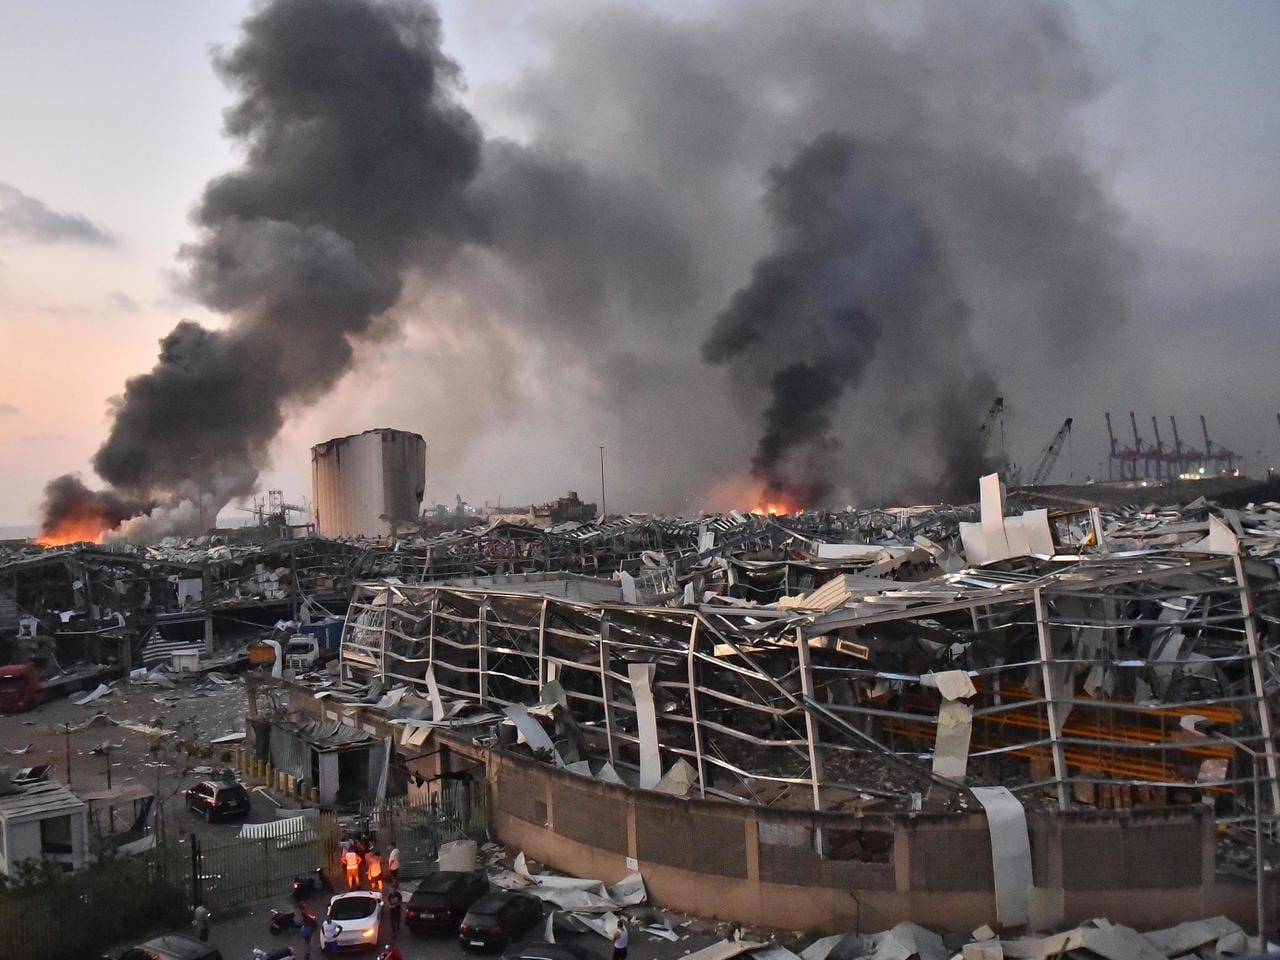 وثائق عن شحنة نترات الأمونيوم منذ وصولها بيروت حتى الانفجار